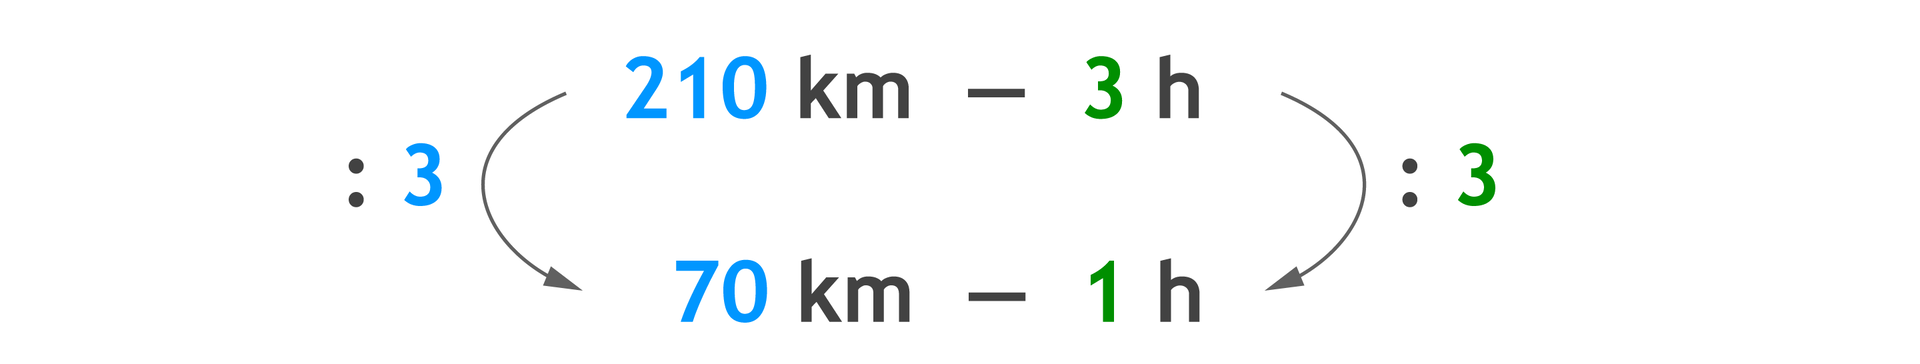 Zapis proporcji: 210 km - 3 hiponiżej 70 km – 1 h. 210 km dzielone przez 3 =70 km, to 3 hdzielone przez 3 =1 h.